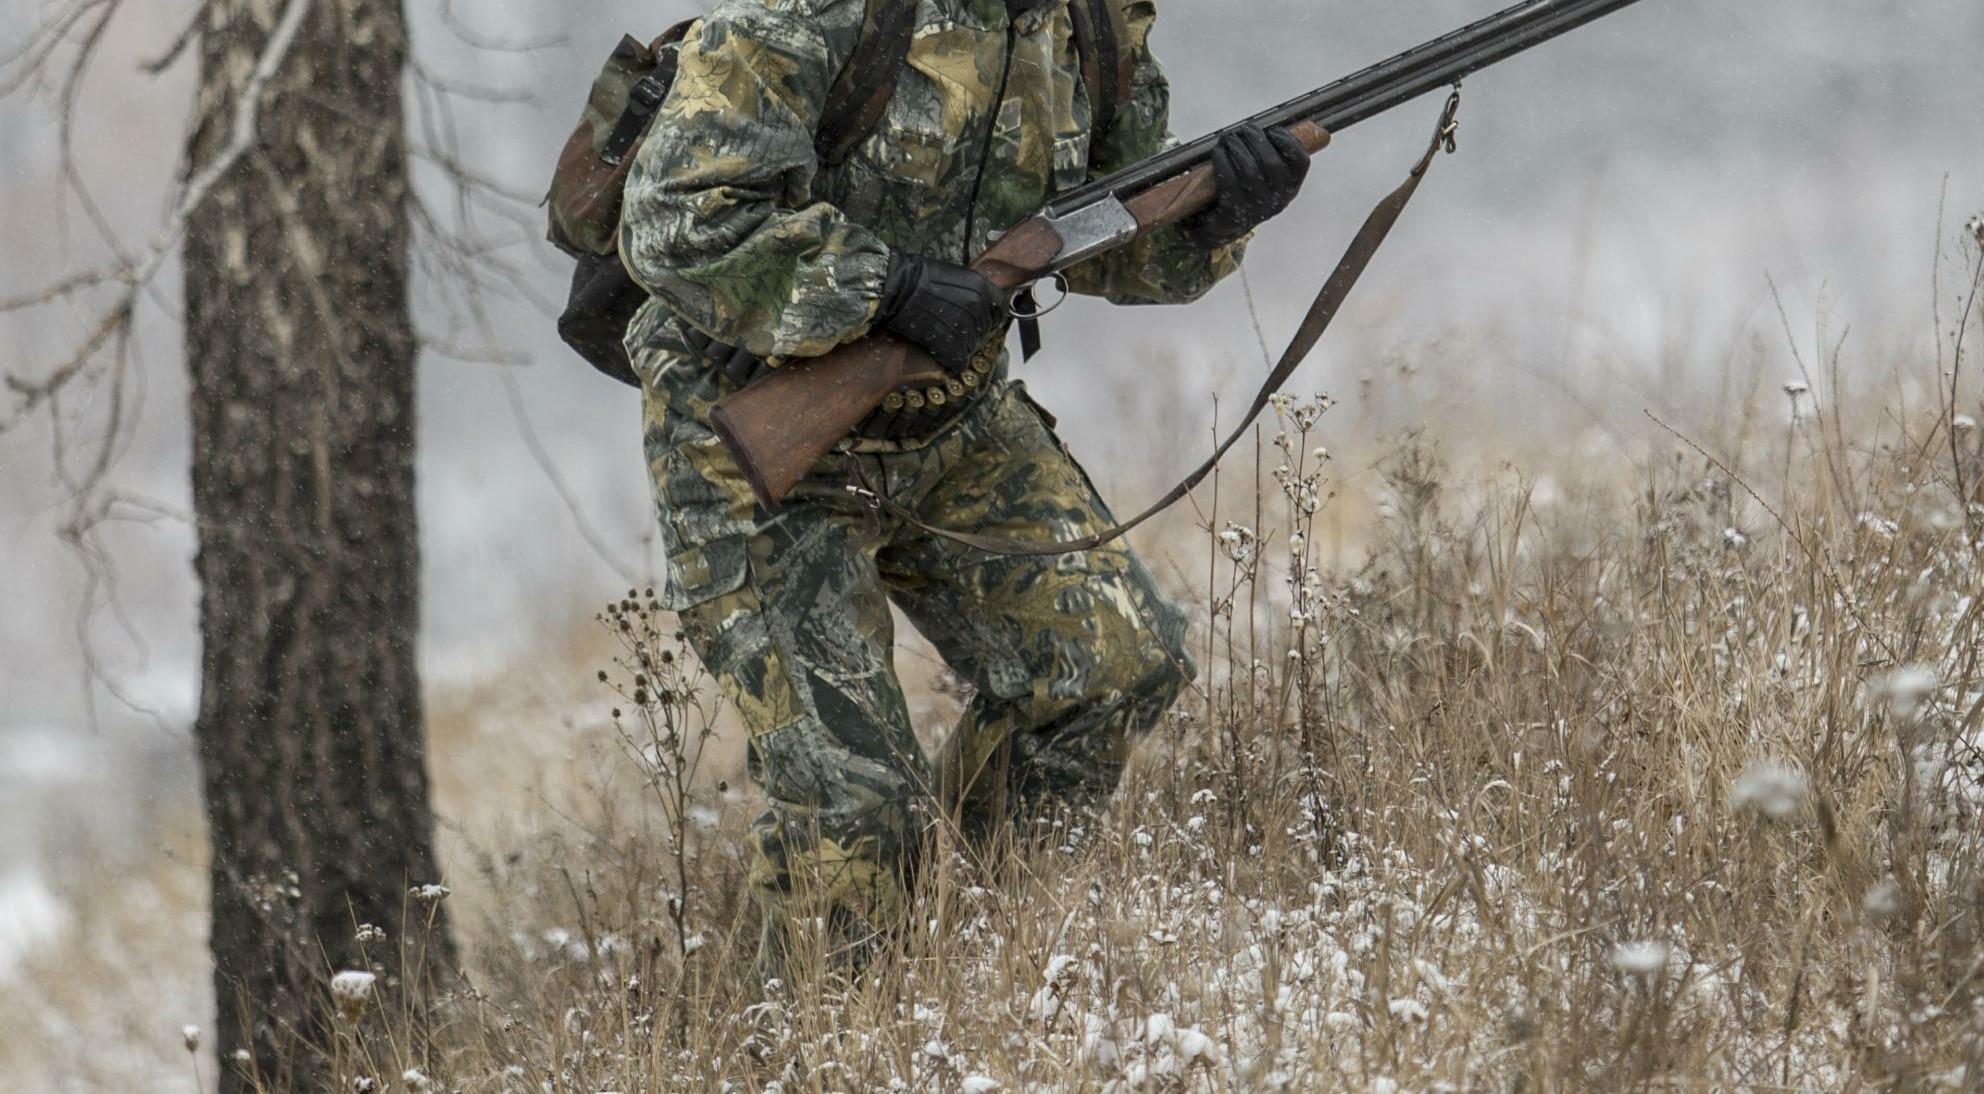 За 2-х убитых фазанов гражданин Волгоградской области заплатит 6 тыс. руб.